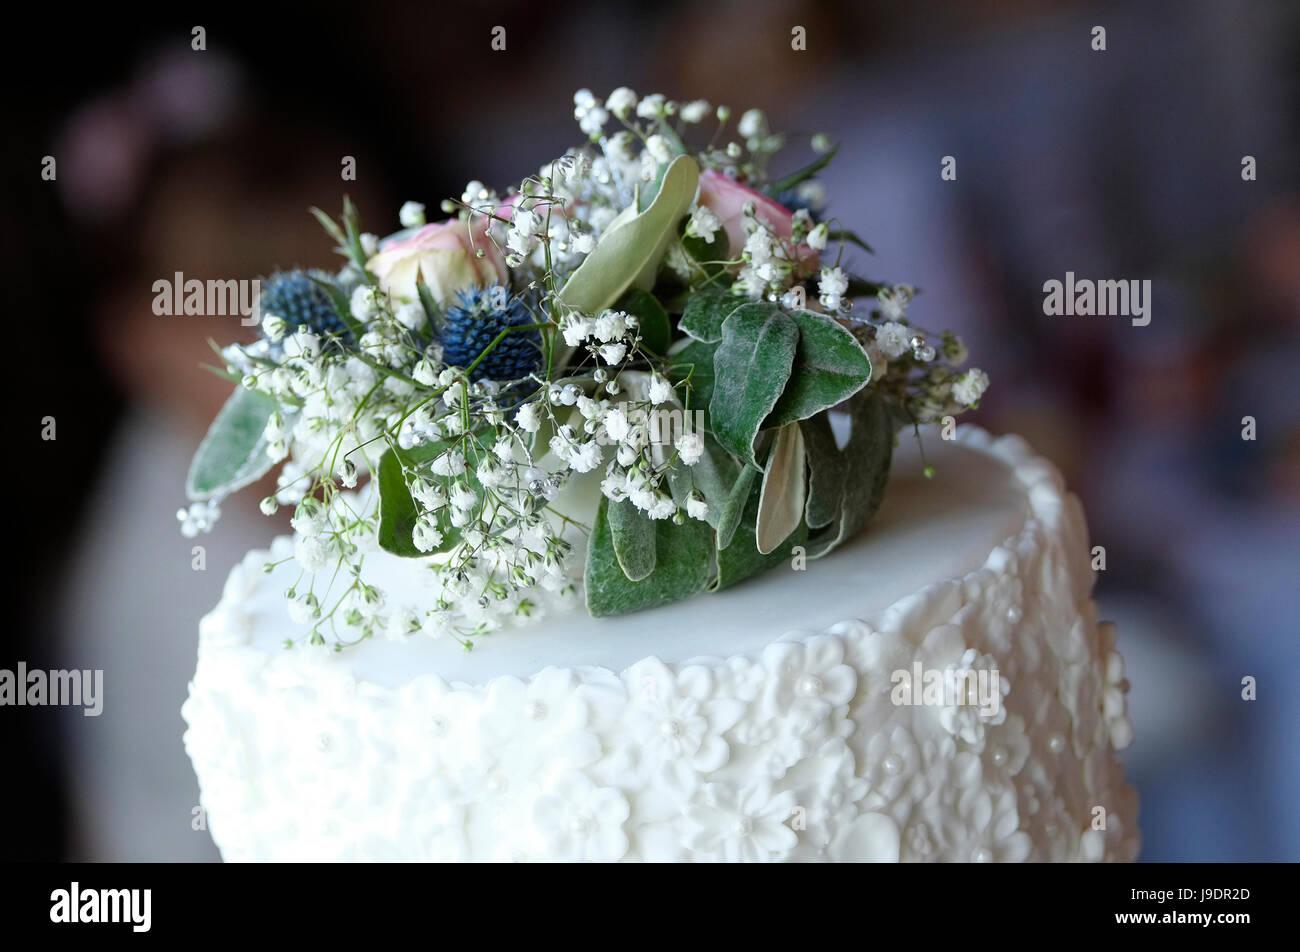 Affichage fleurs sur le dessus du gâteau de mariage Photo Stock